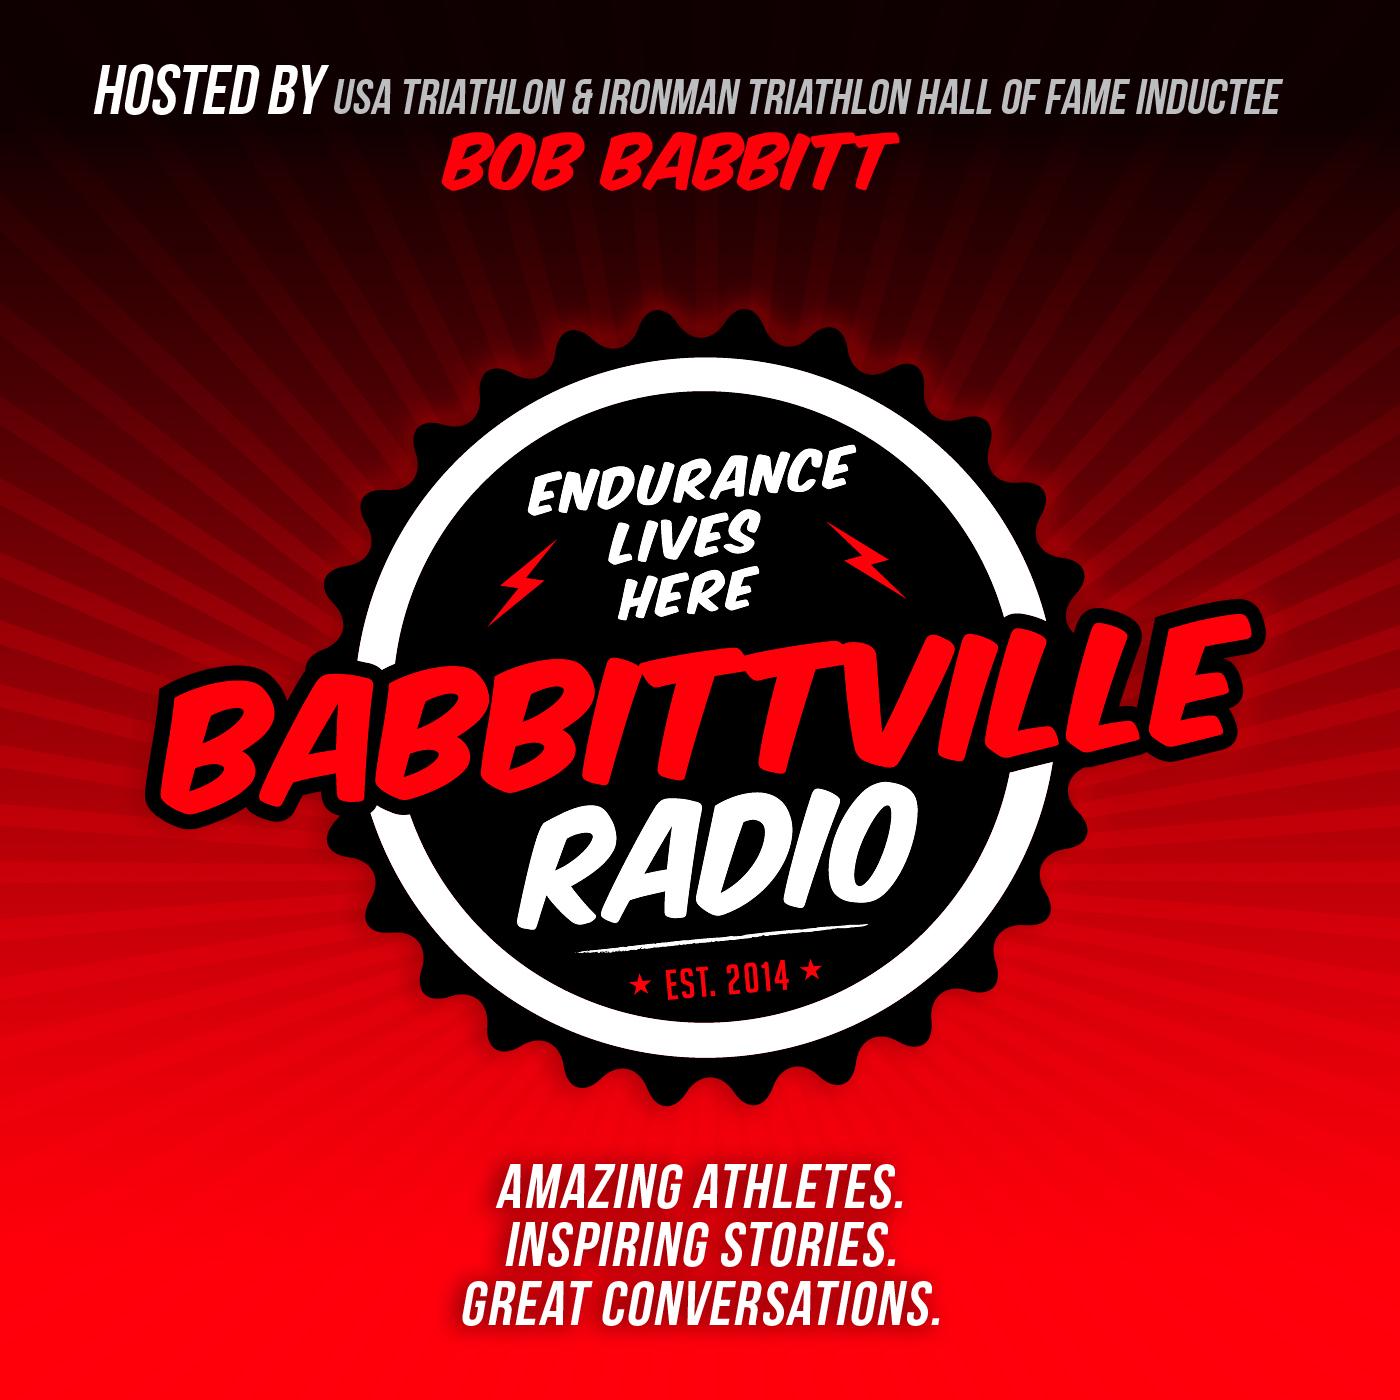 Babbittville Radio – Babbittville